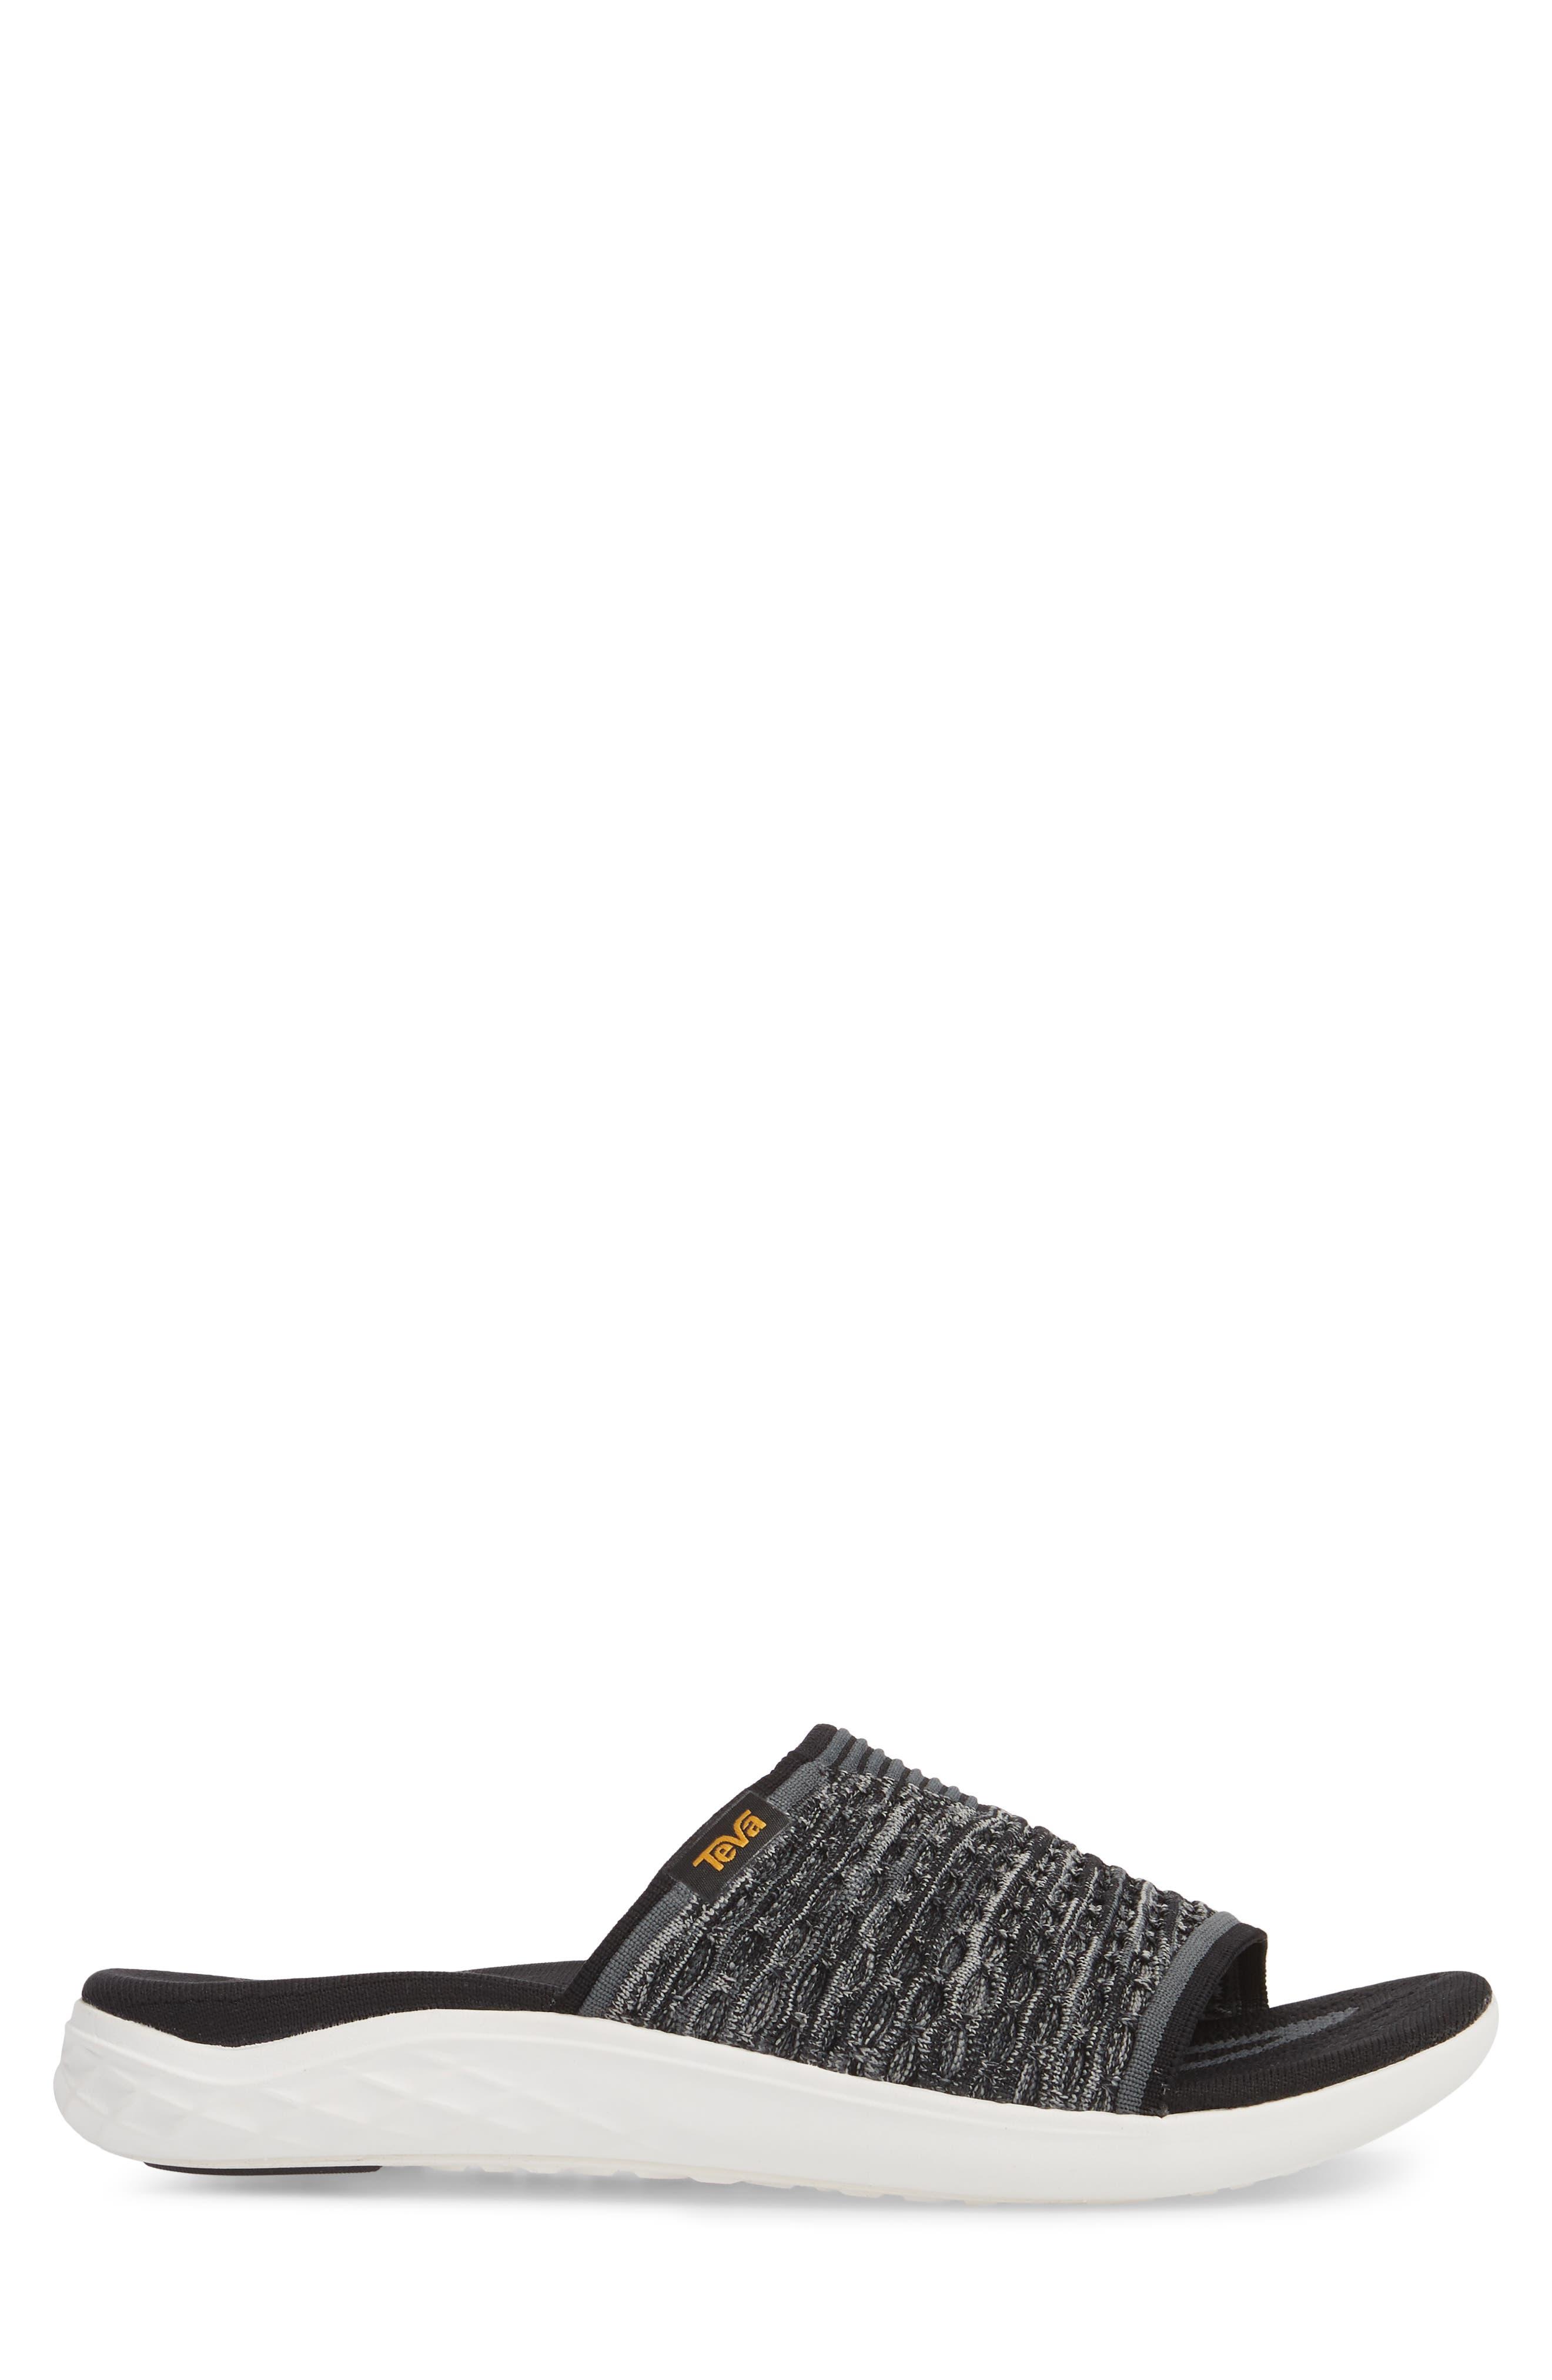 Terra-Float 2 Knit Slide Sandal,                             Alternate thumbnail 3, color,                             001